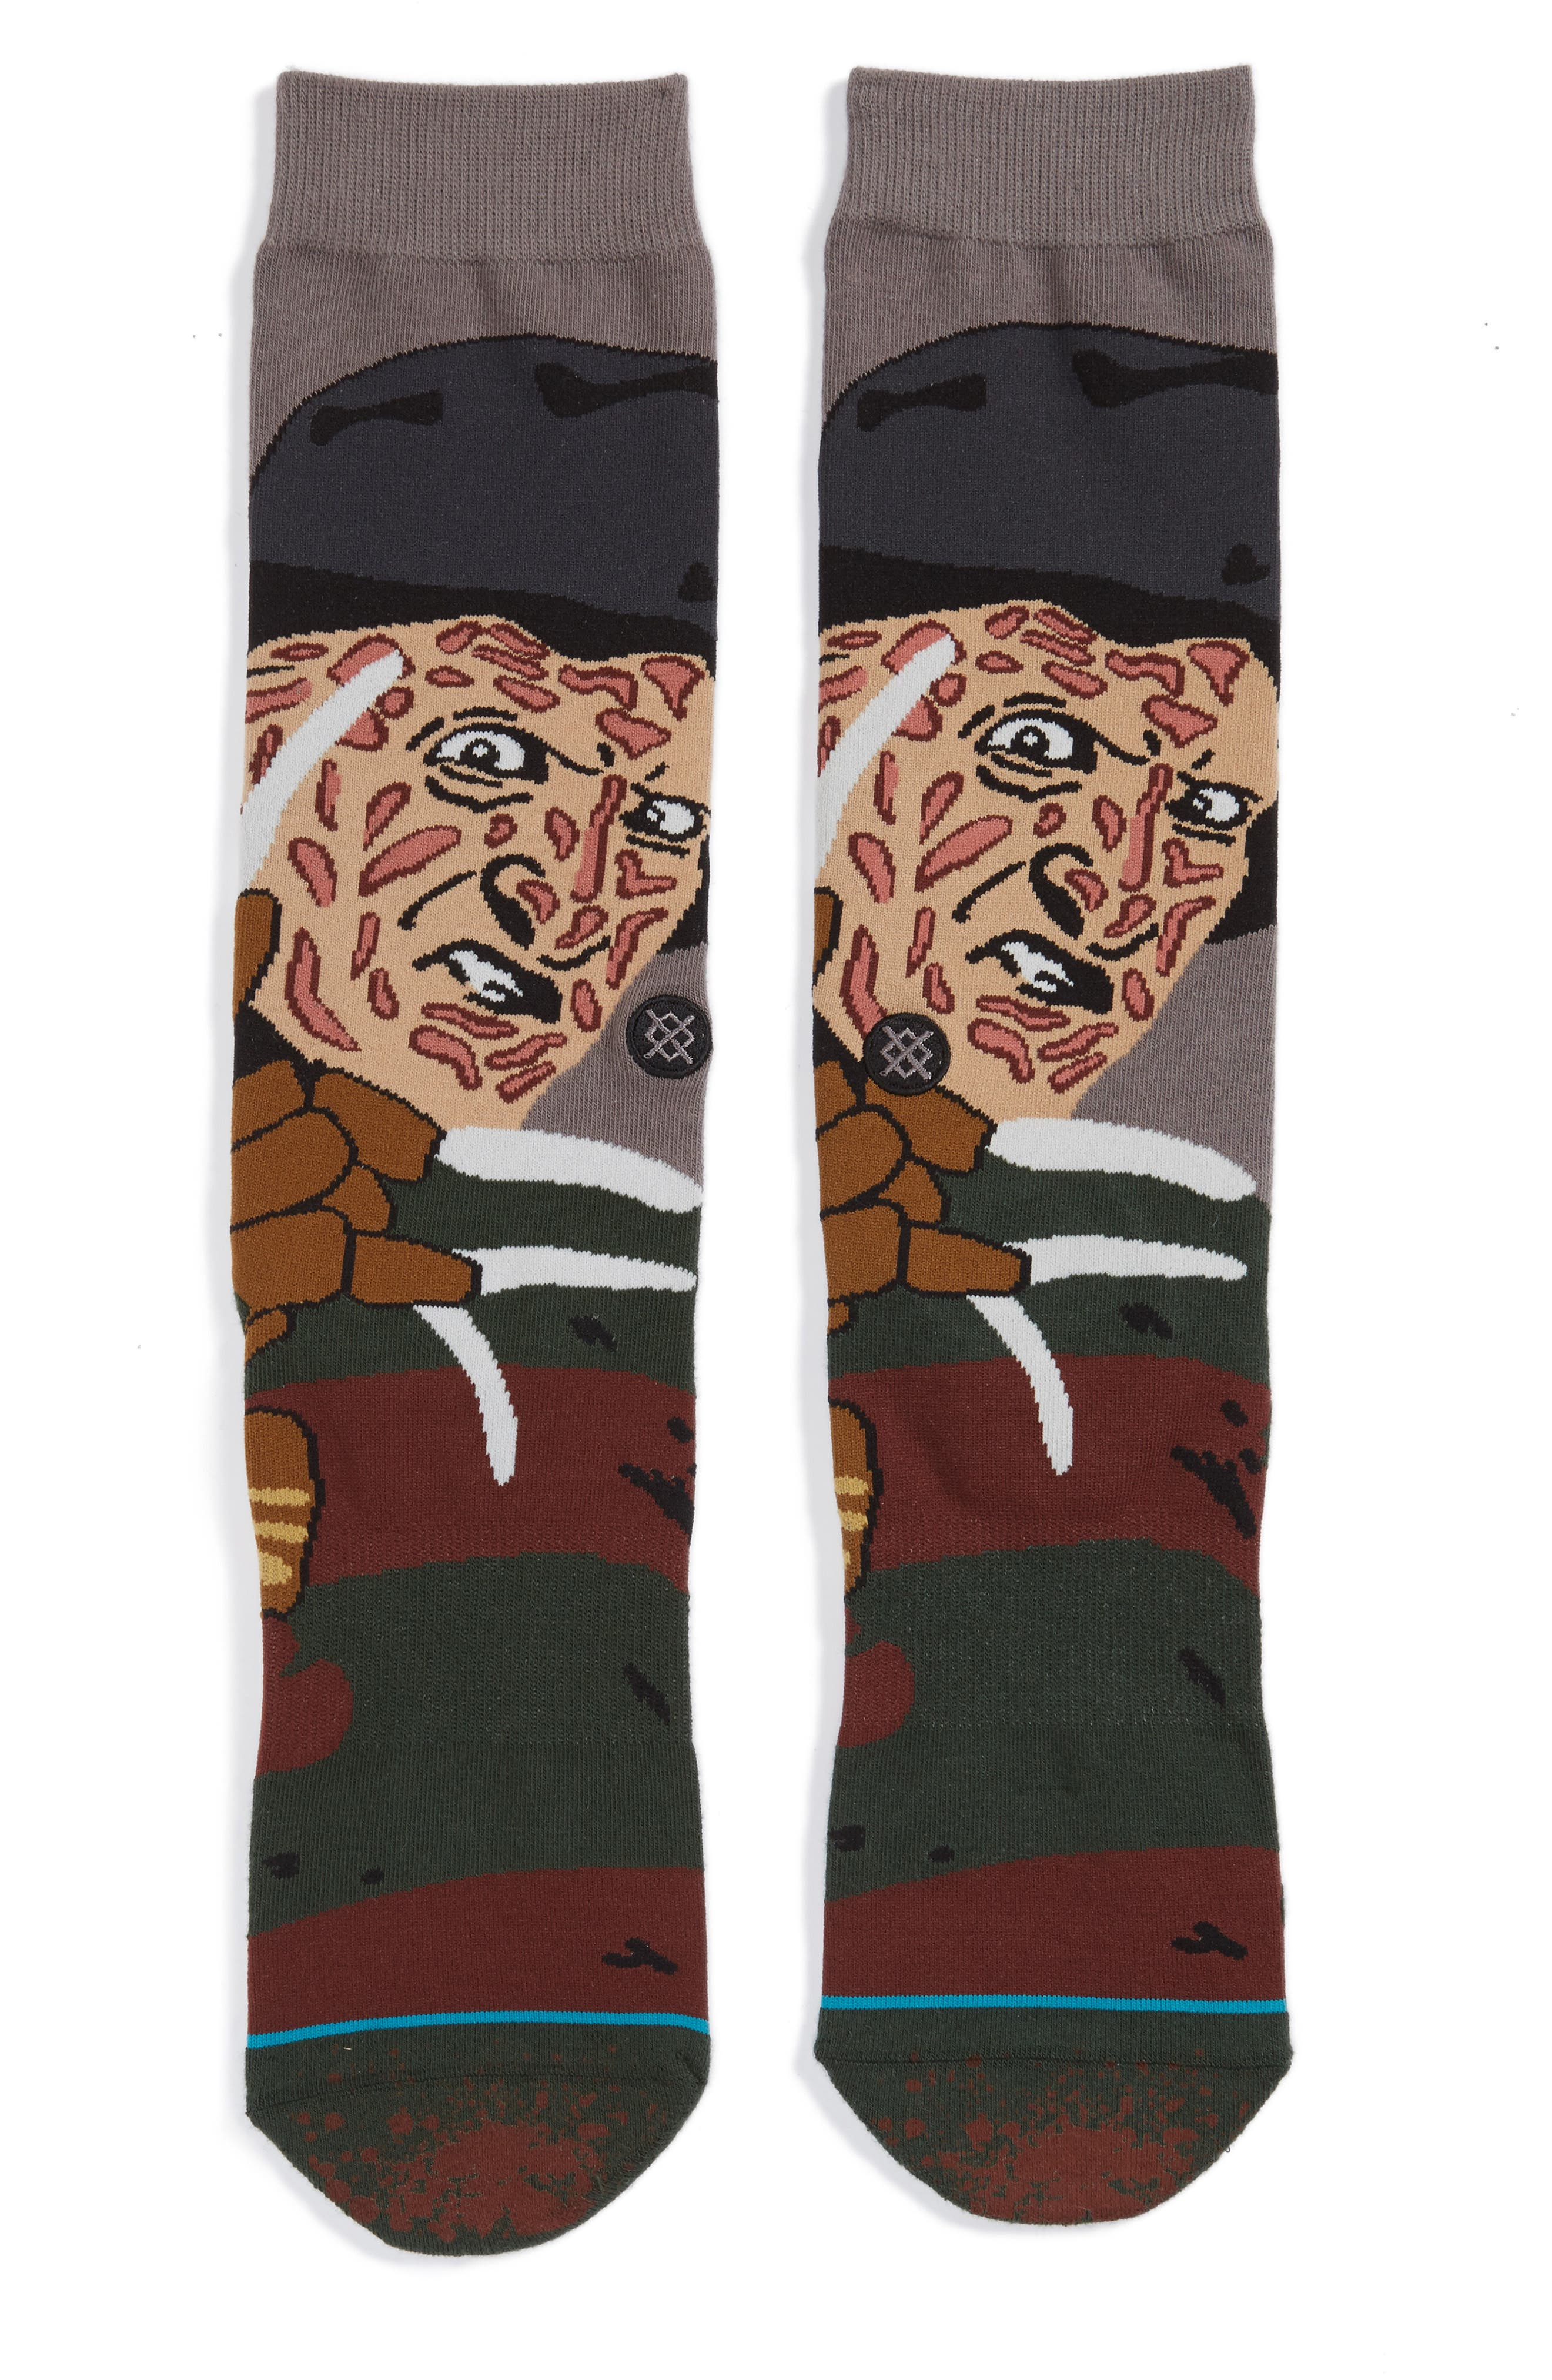 Freddy Krueger - Legends of Horror Socks,                         Main,                         color, 001